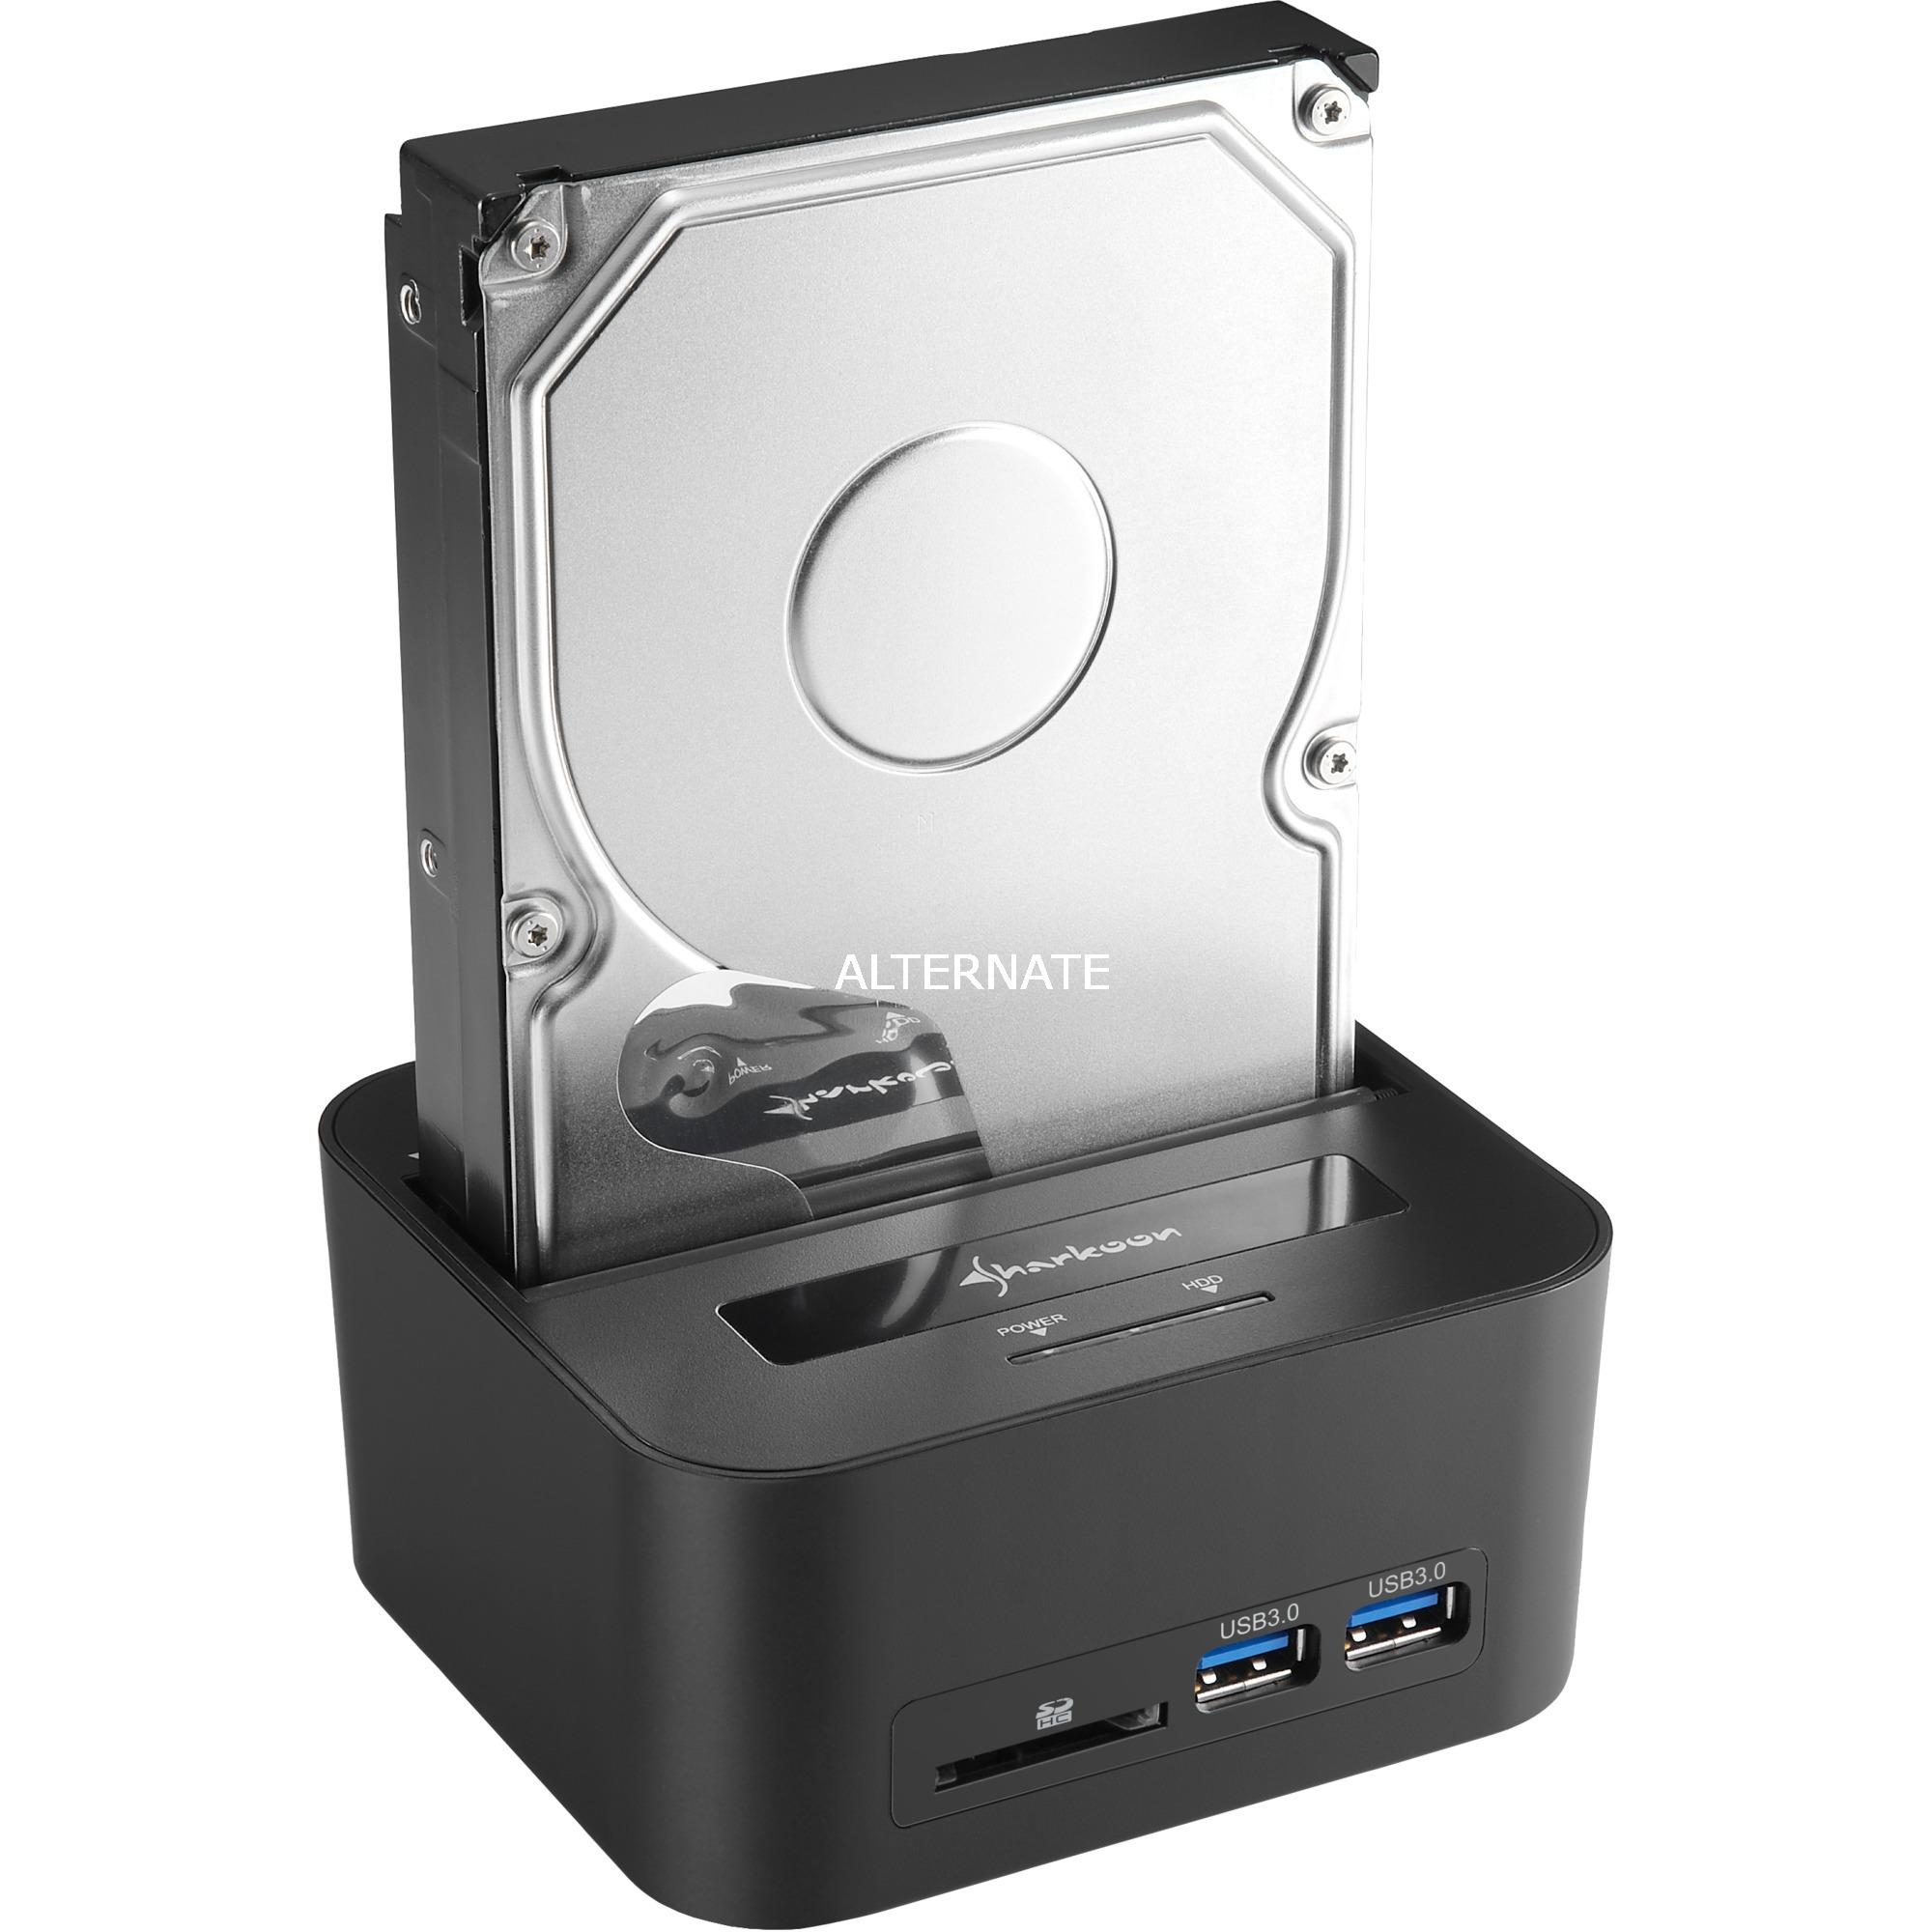 QuickPort XT HC PRO USB 3.1 (3.1 Gen 2) Type-B Noir, Station d'accueil